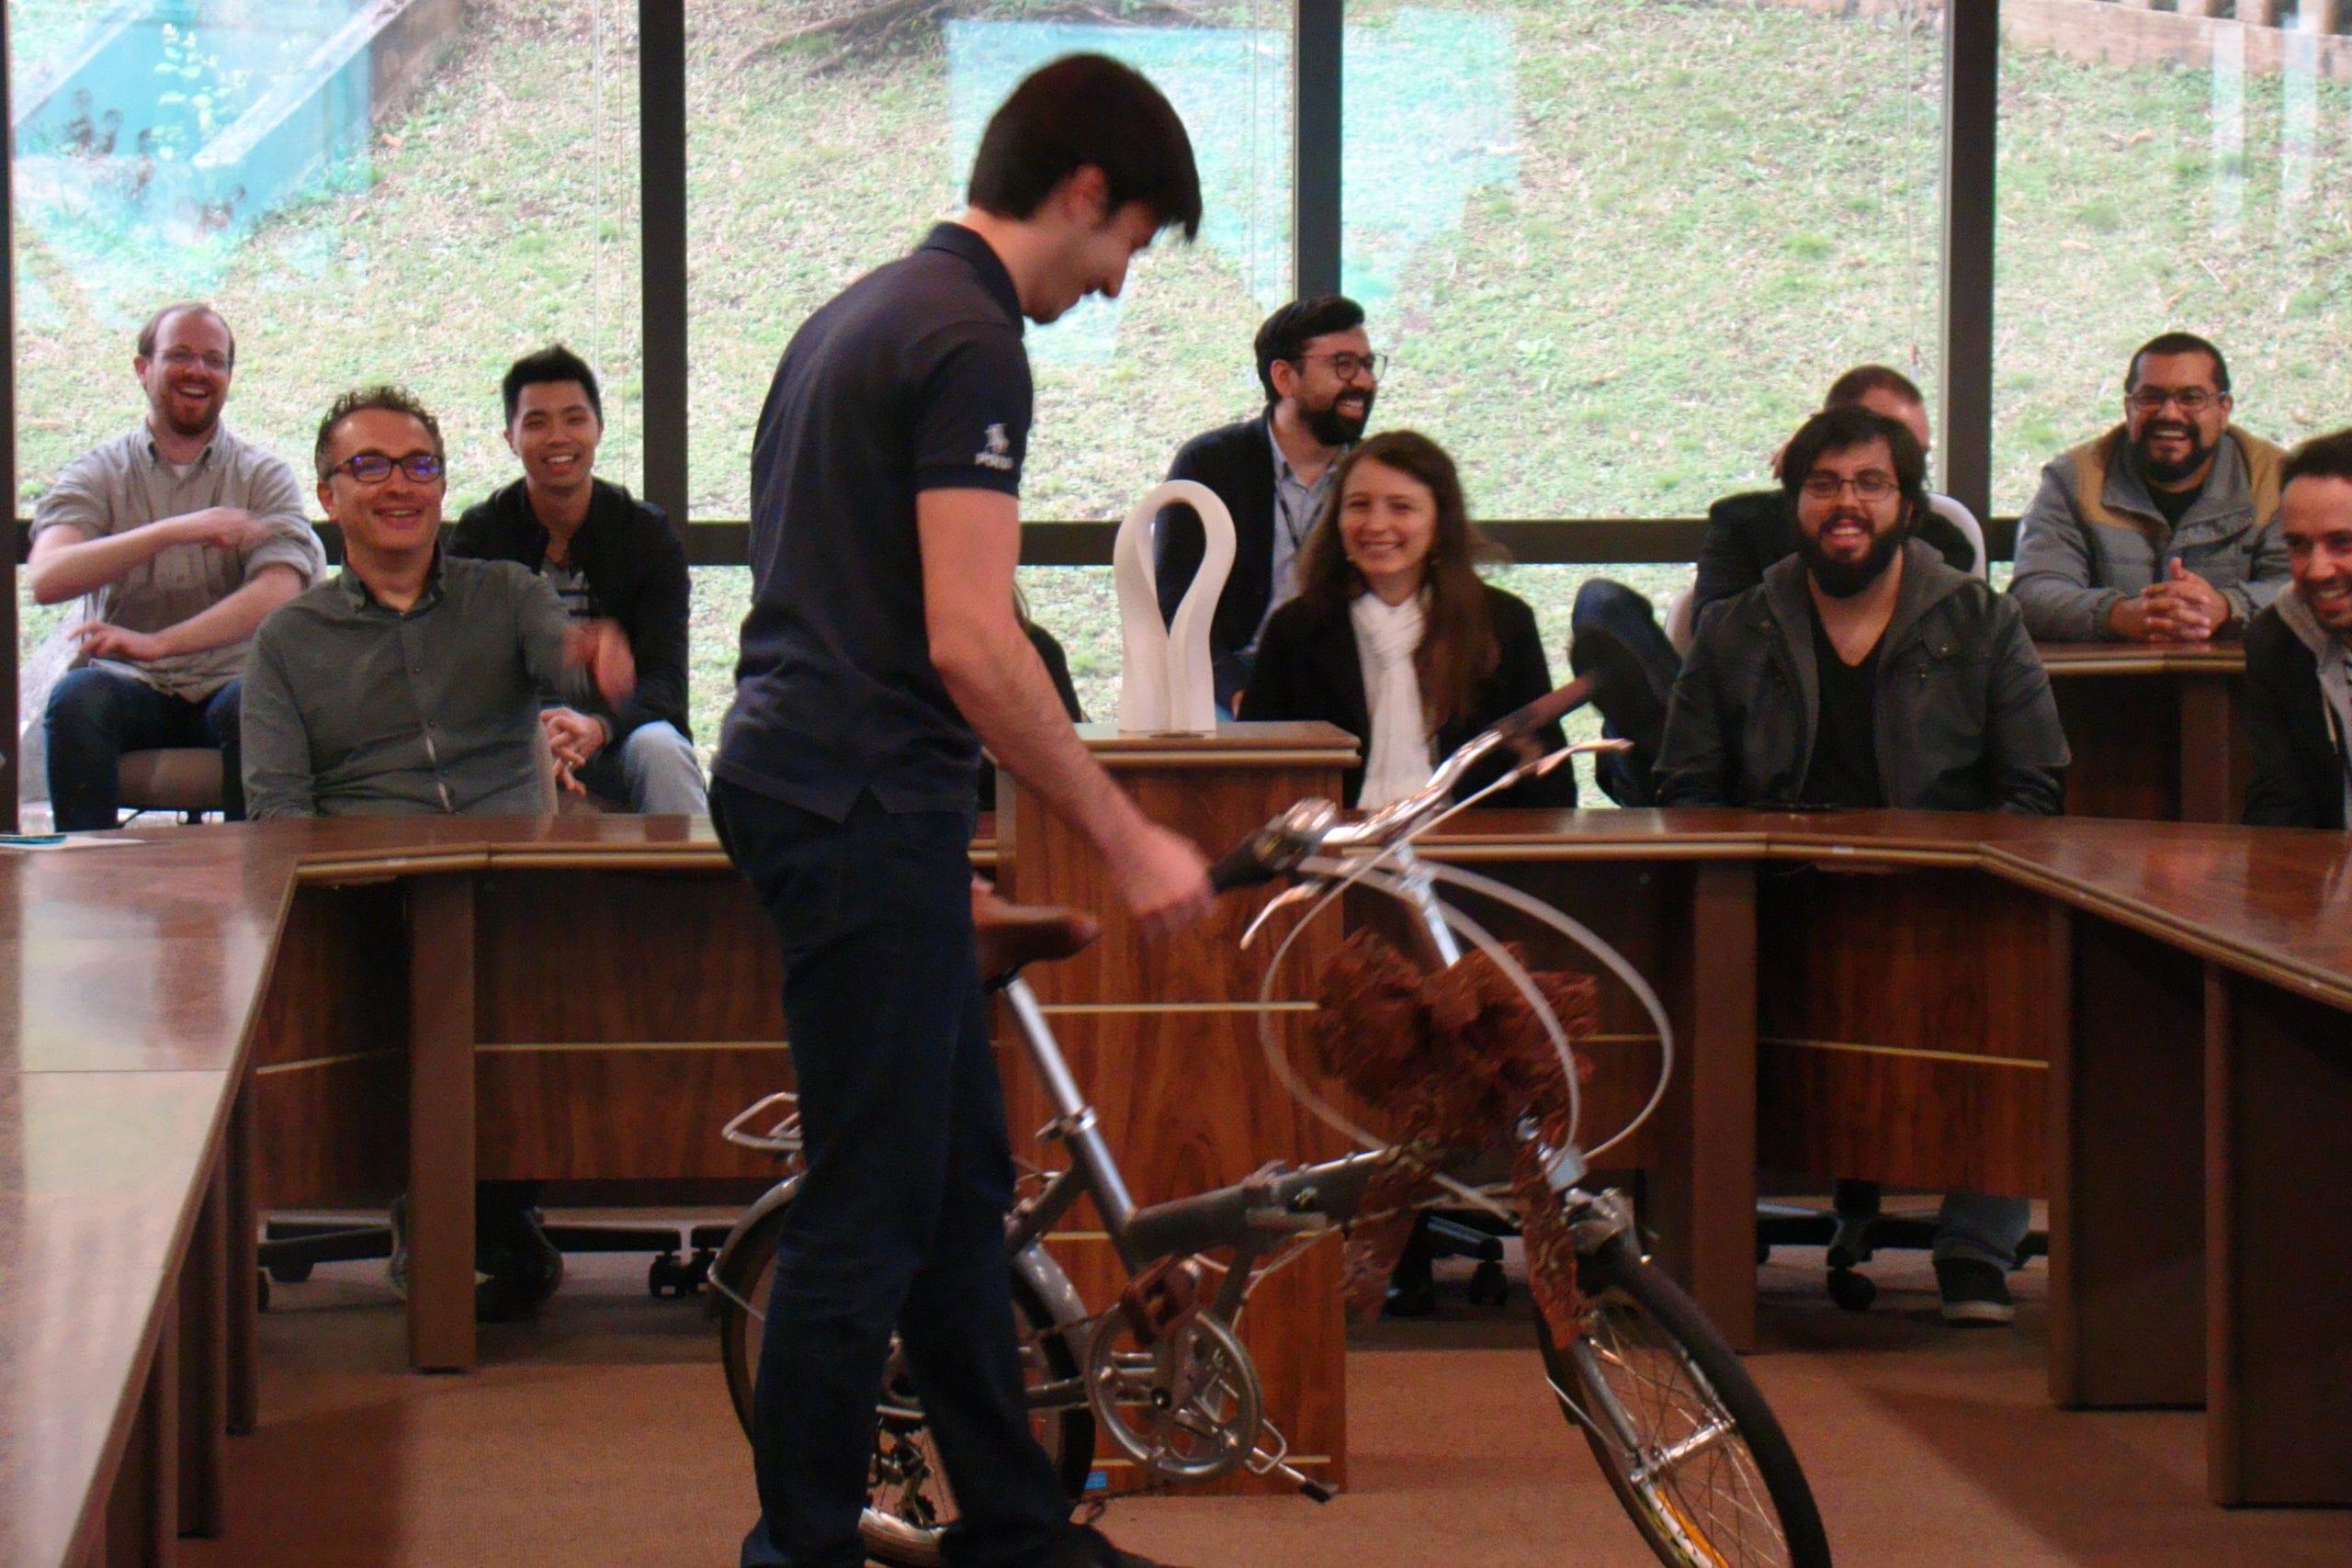 Vencedor do concurso, Érik Gurski ganhou uma bicicleta